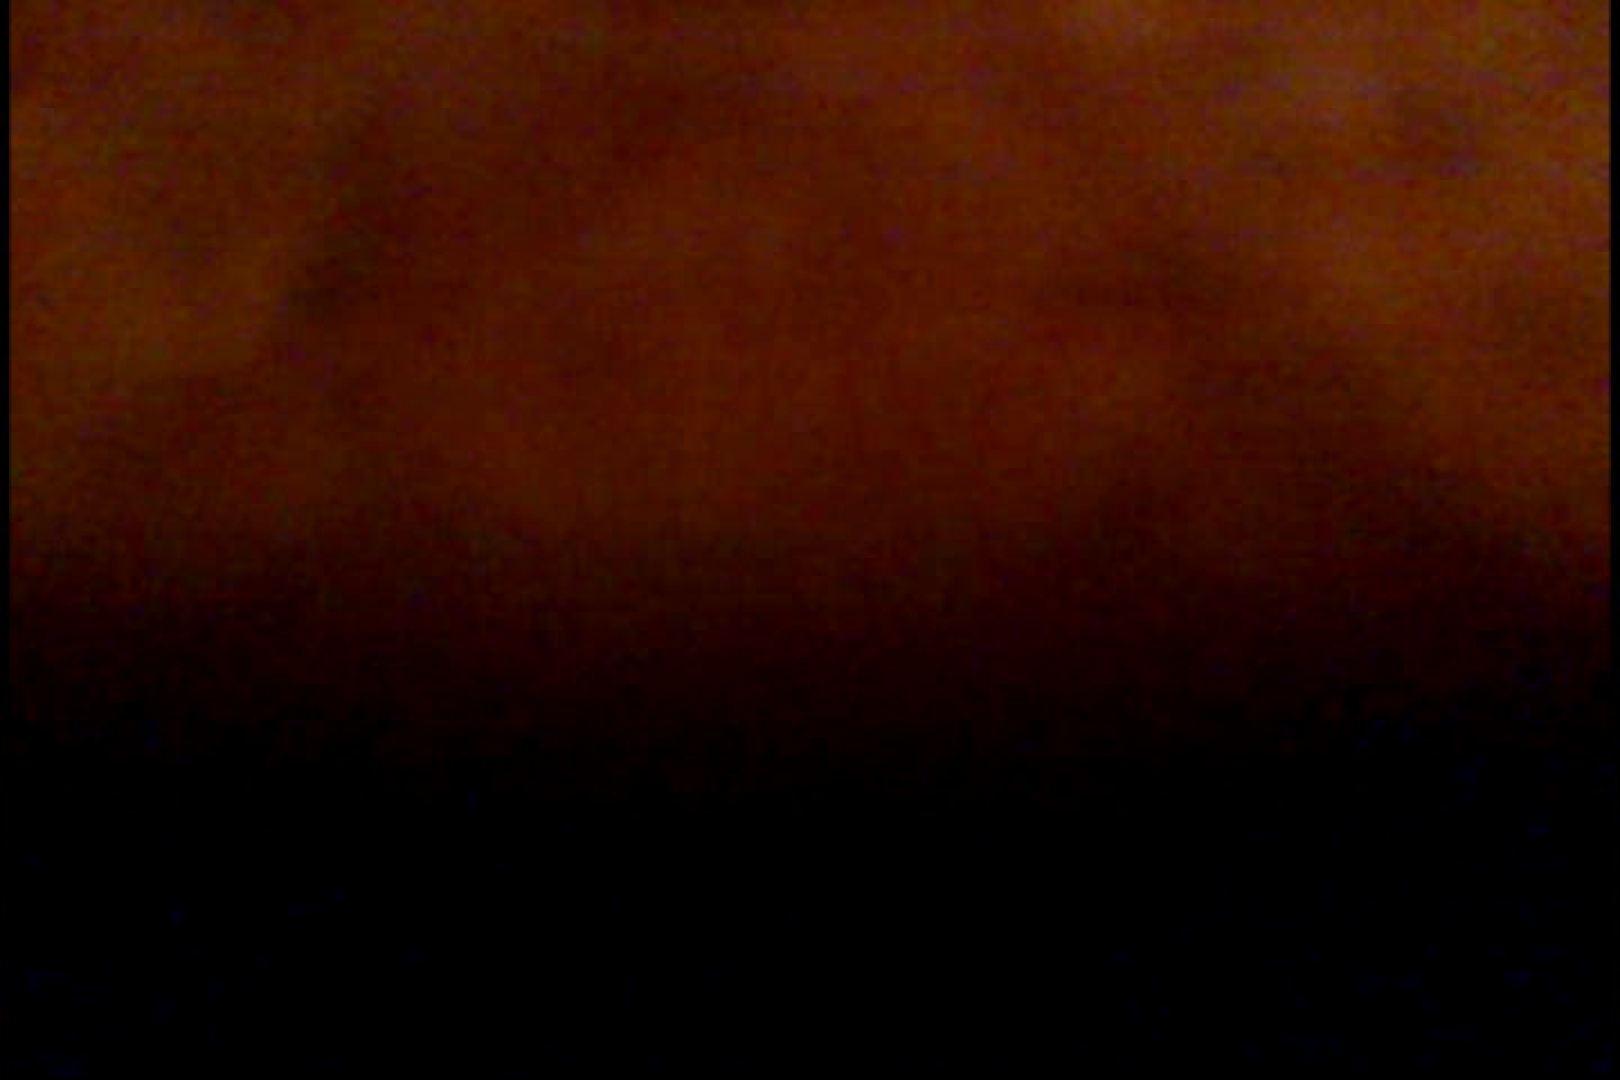 亀さんかわや VIPバージョン! vol.35 オマンコもろ おまんこ無修正動画無料 94PIX 78